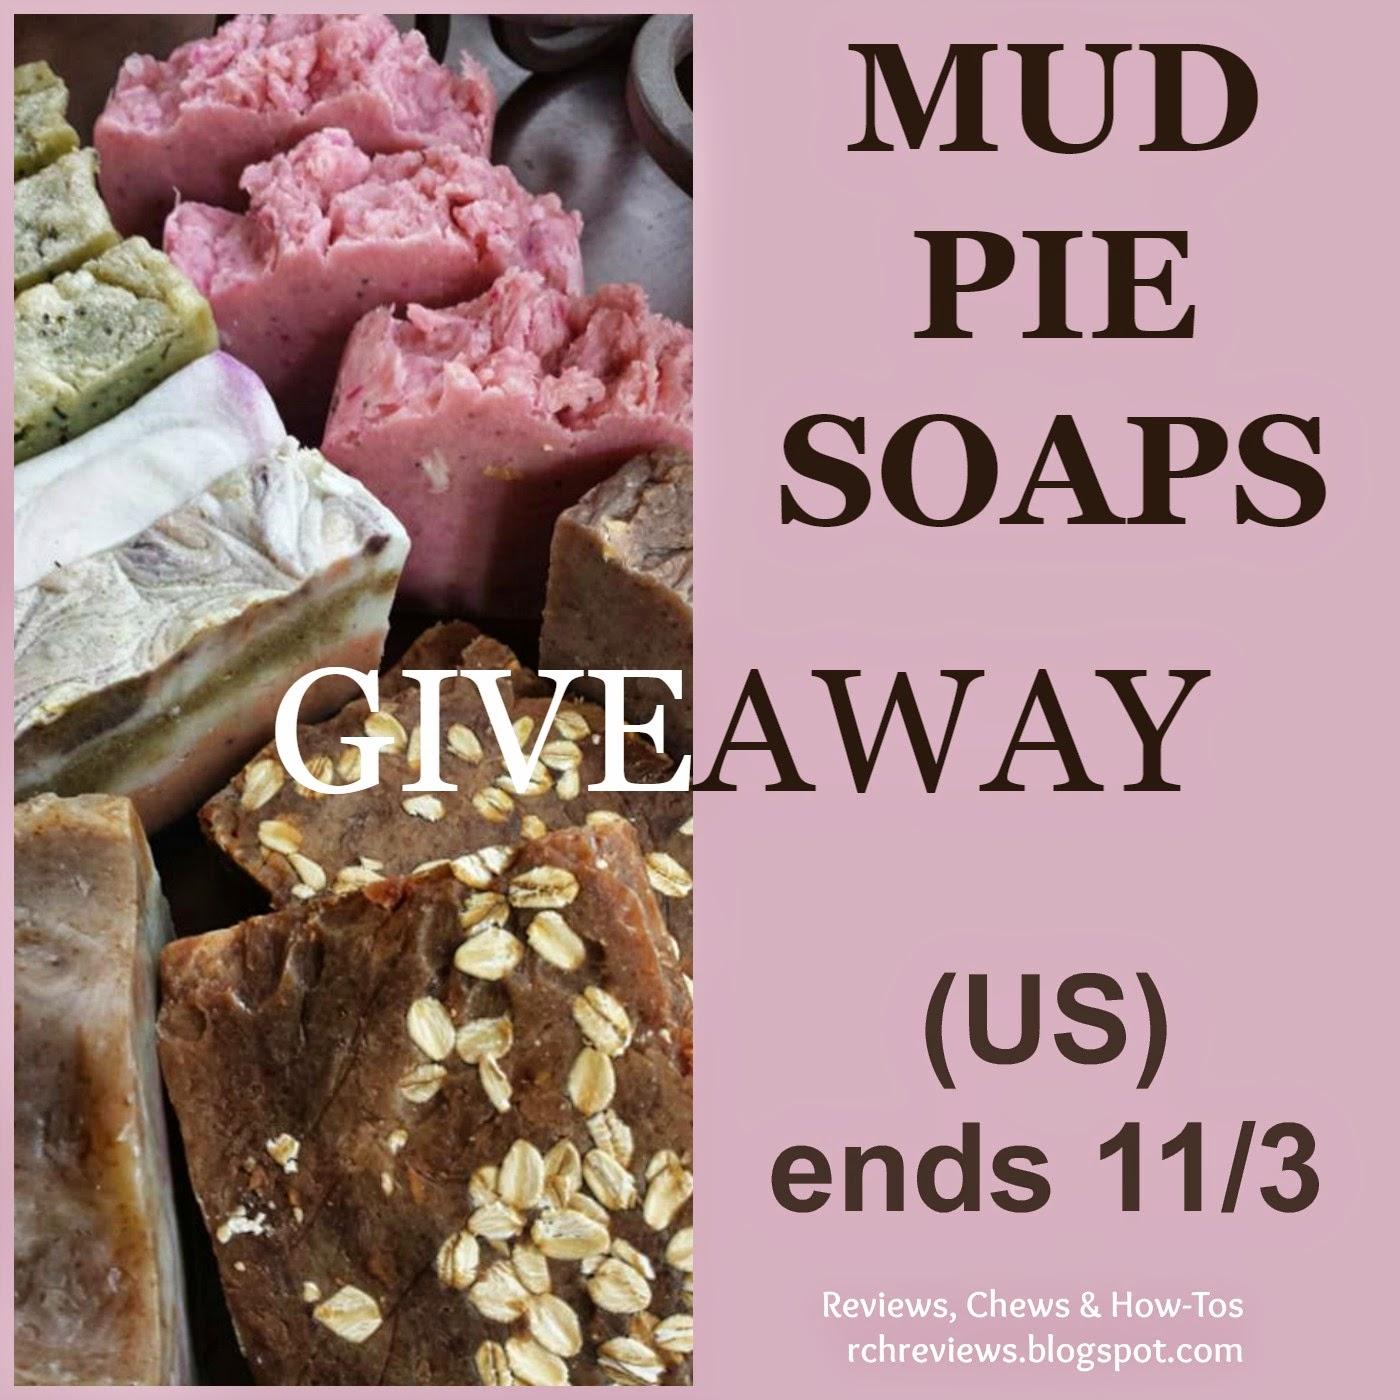 MUD-PIE SOAPS